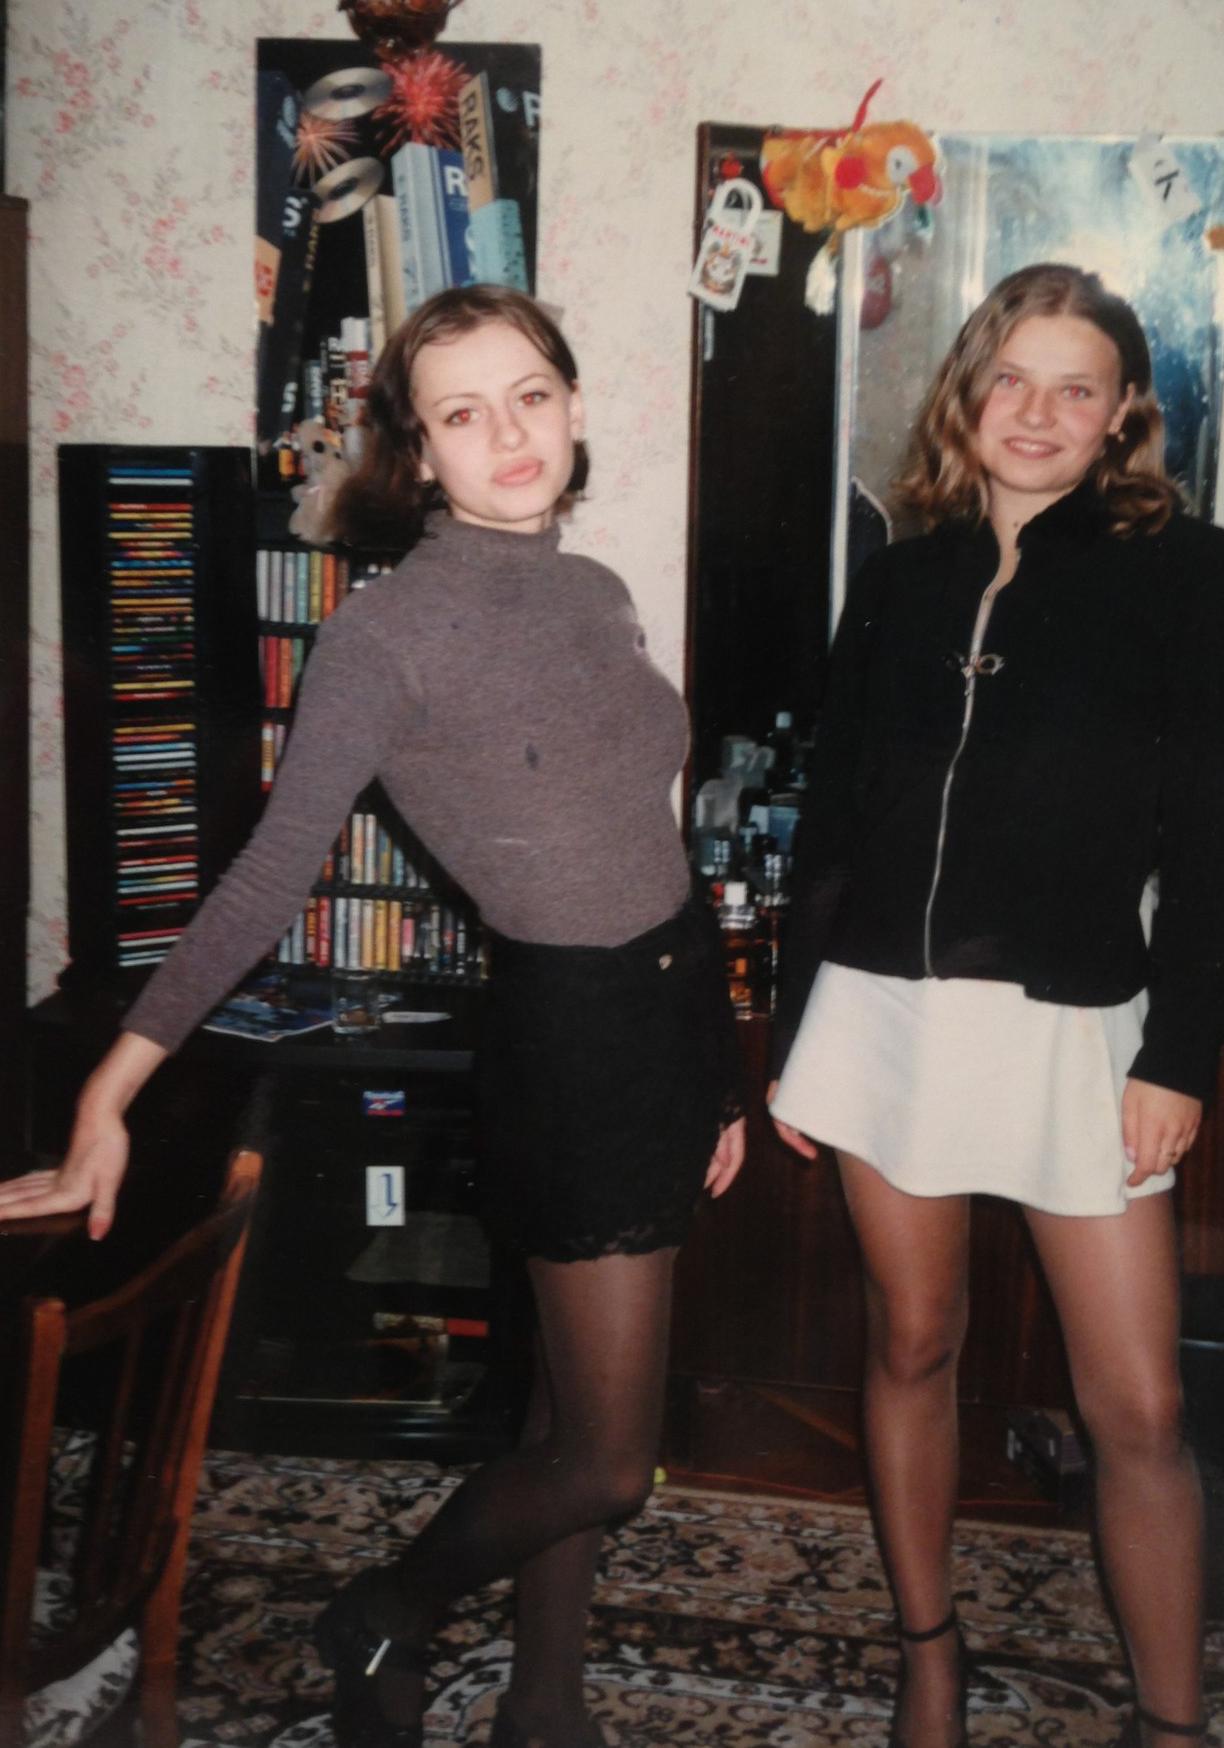 Оксана Лаврентьева в юности с подружкой